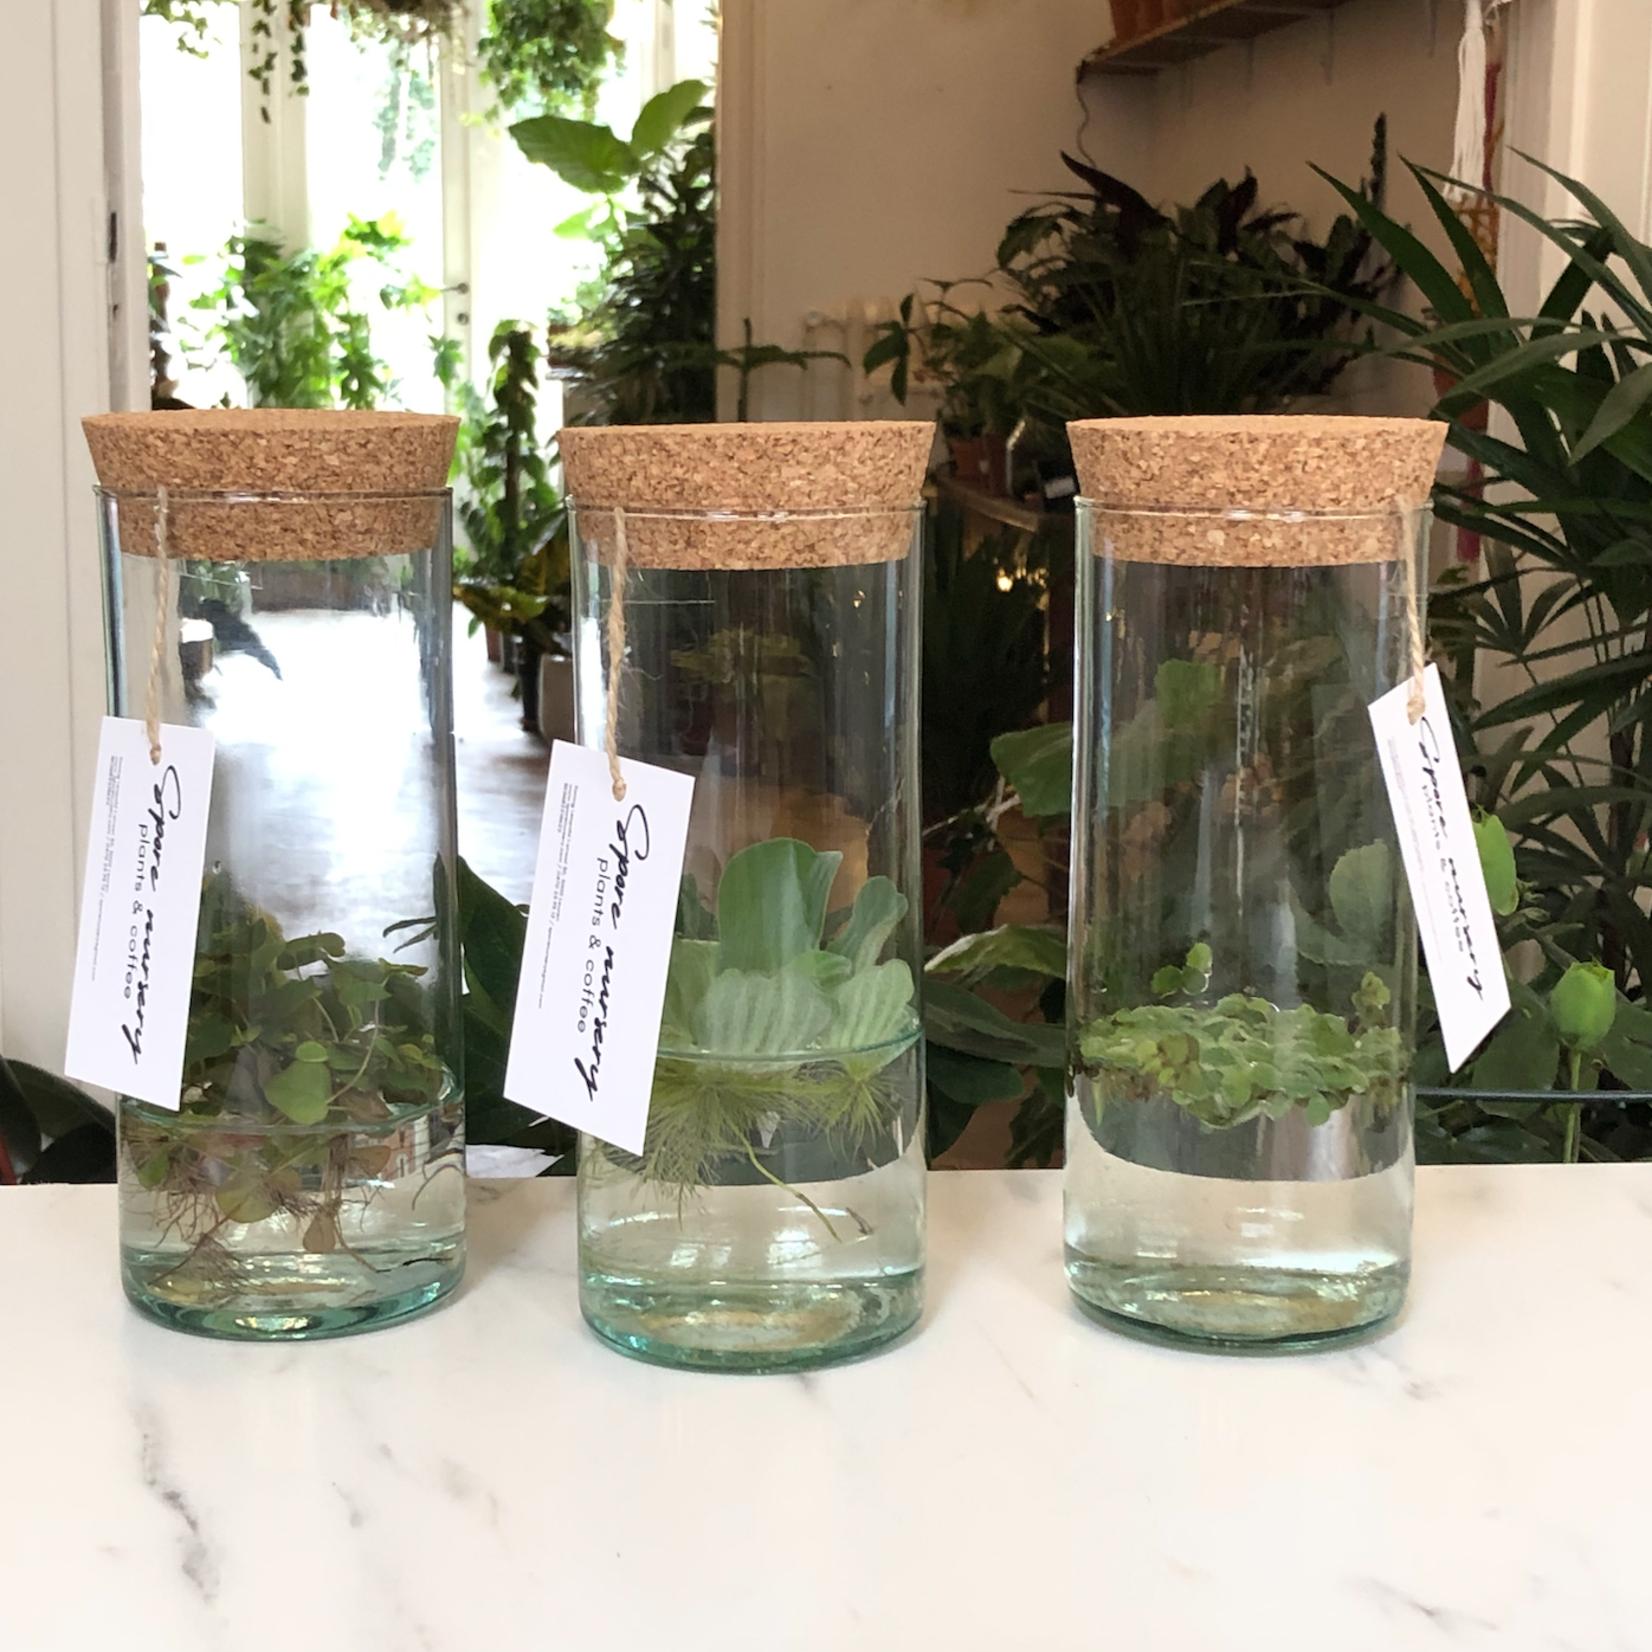 Spore Nursery Aquarium cilinder met Pistia stratiotes